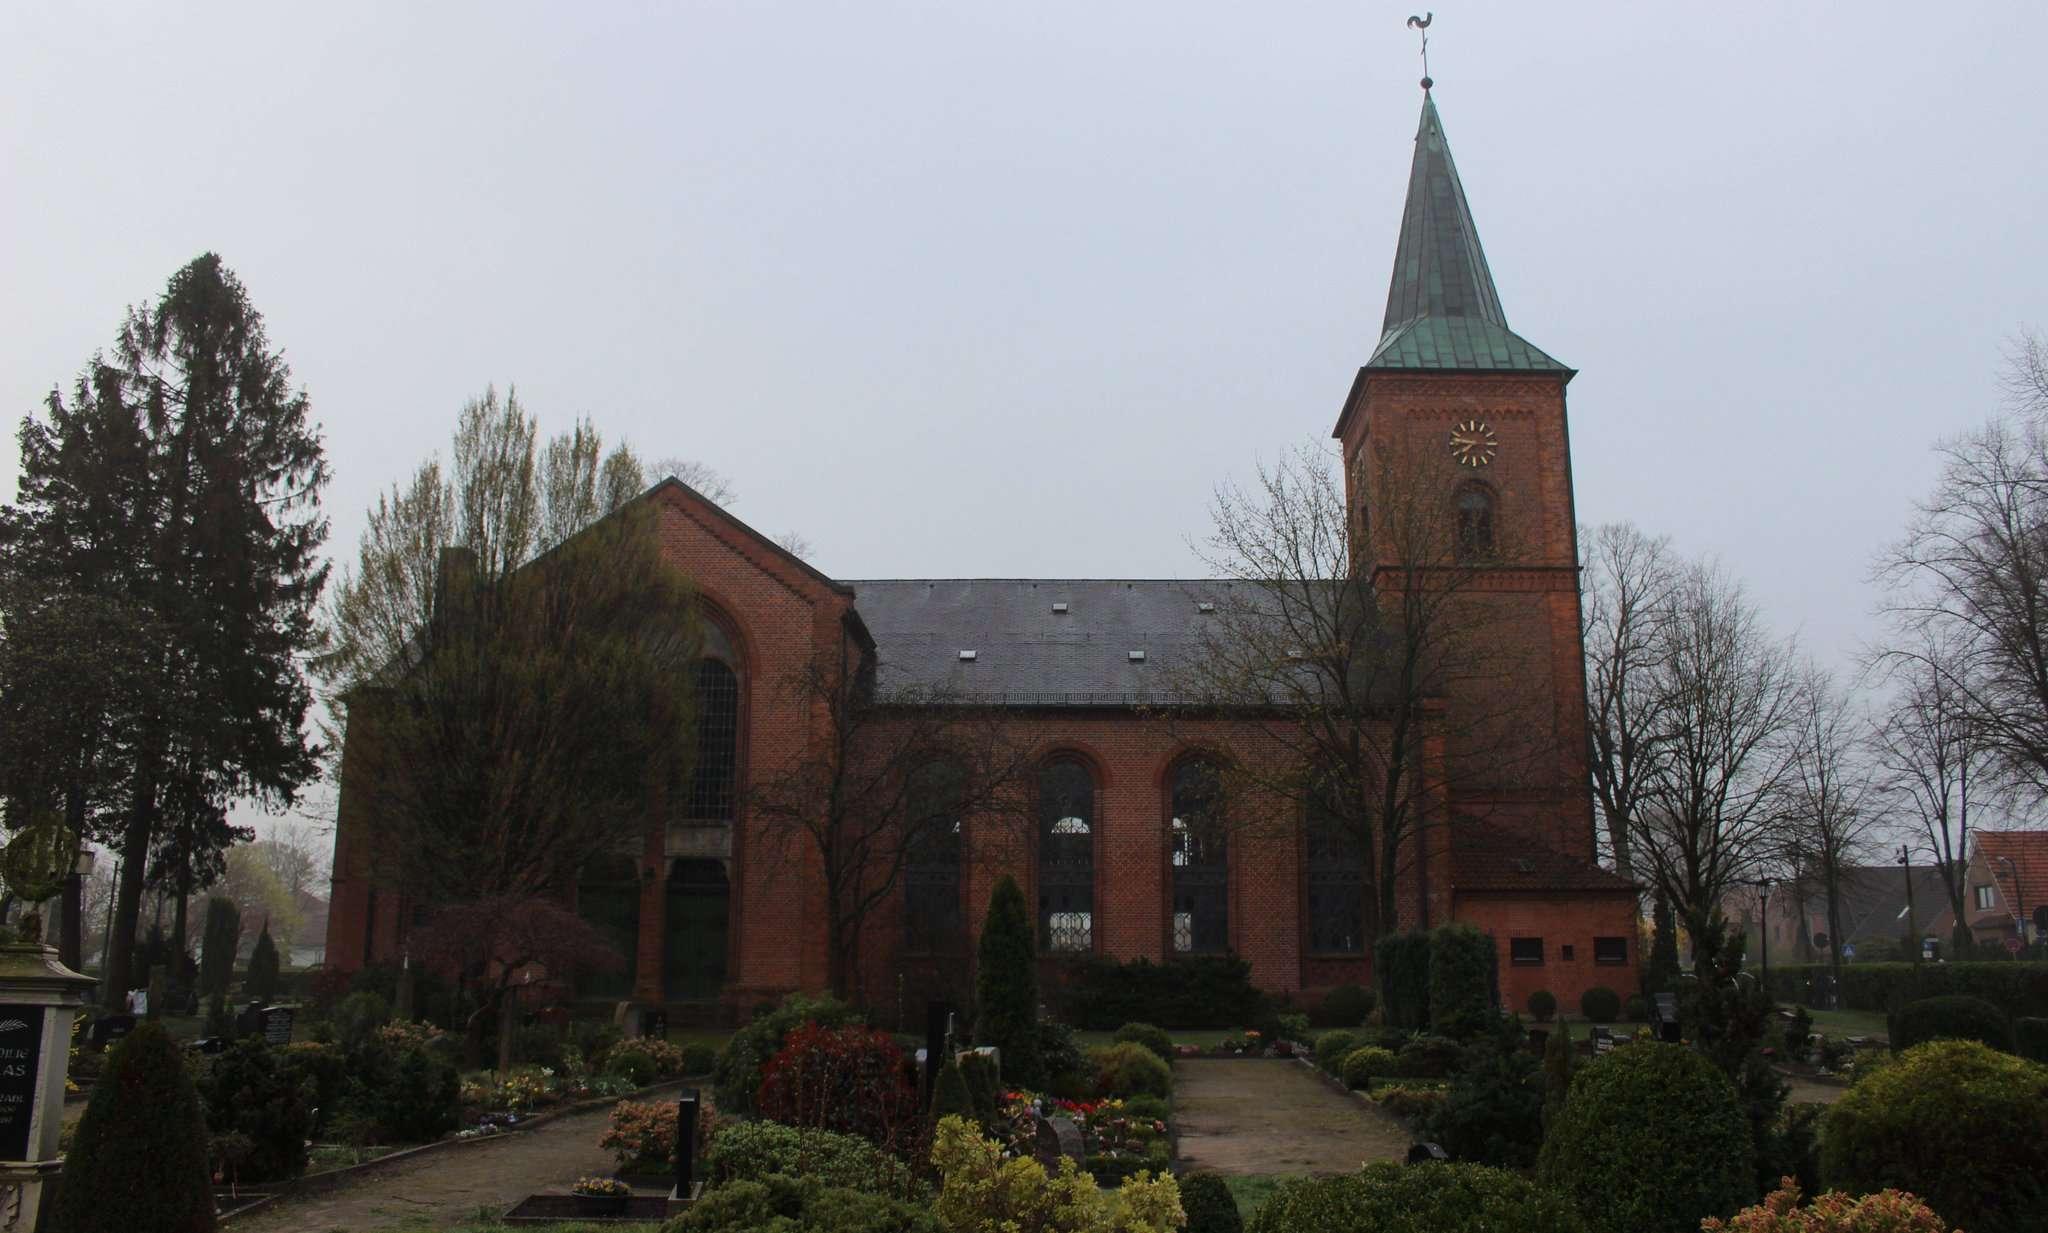 Die Oytener Kirchengemeinde St. Petri stellt sich mit ihrem Gottesdienstprogramm auf die aktuelle Situation ein.